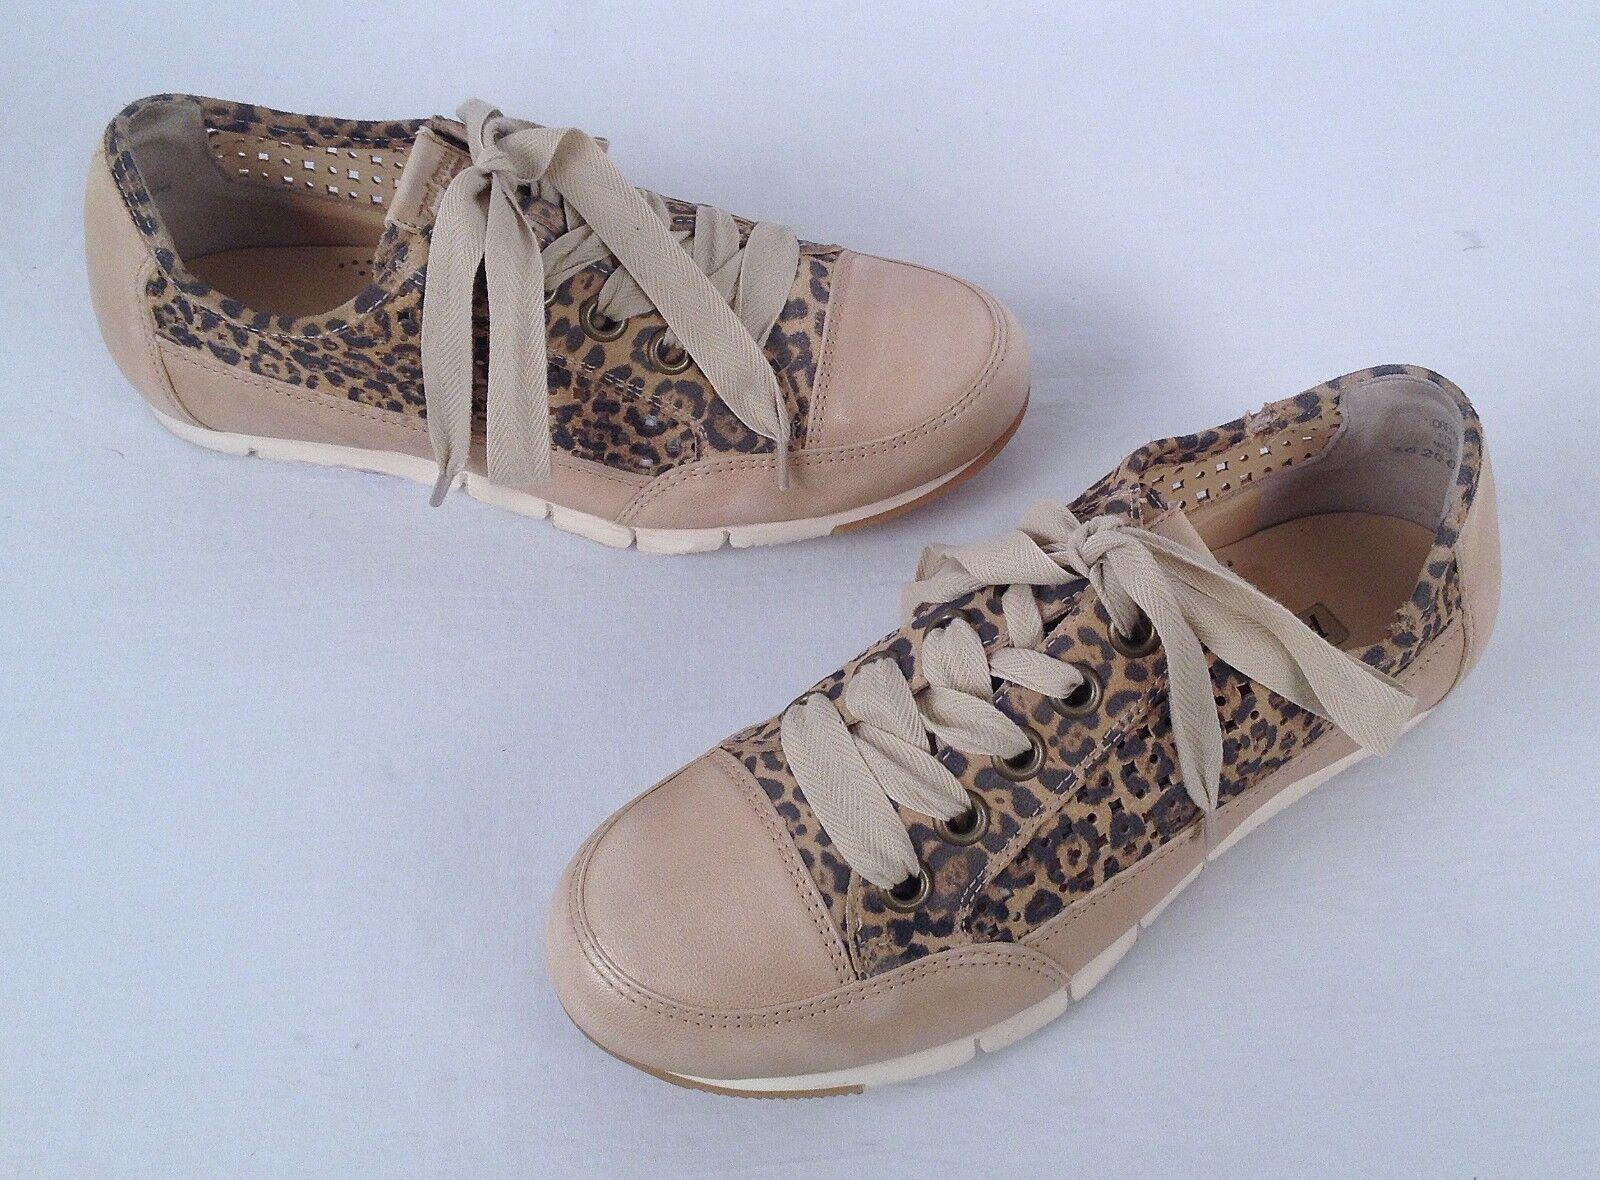 Paul vert femmes Leopard 'Posh' baskets -Taille US 6 US  Aus 3.5-  298  (P1)